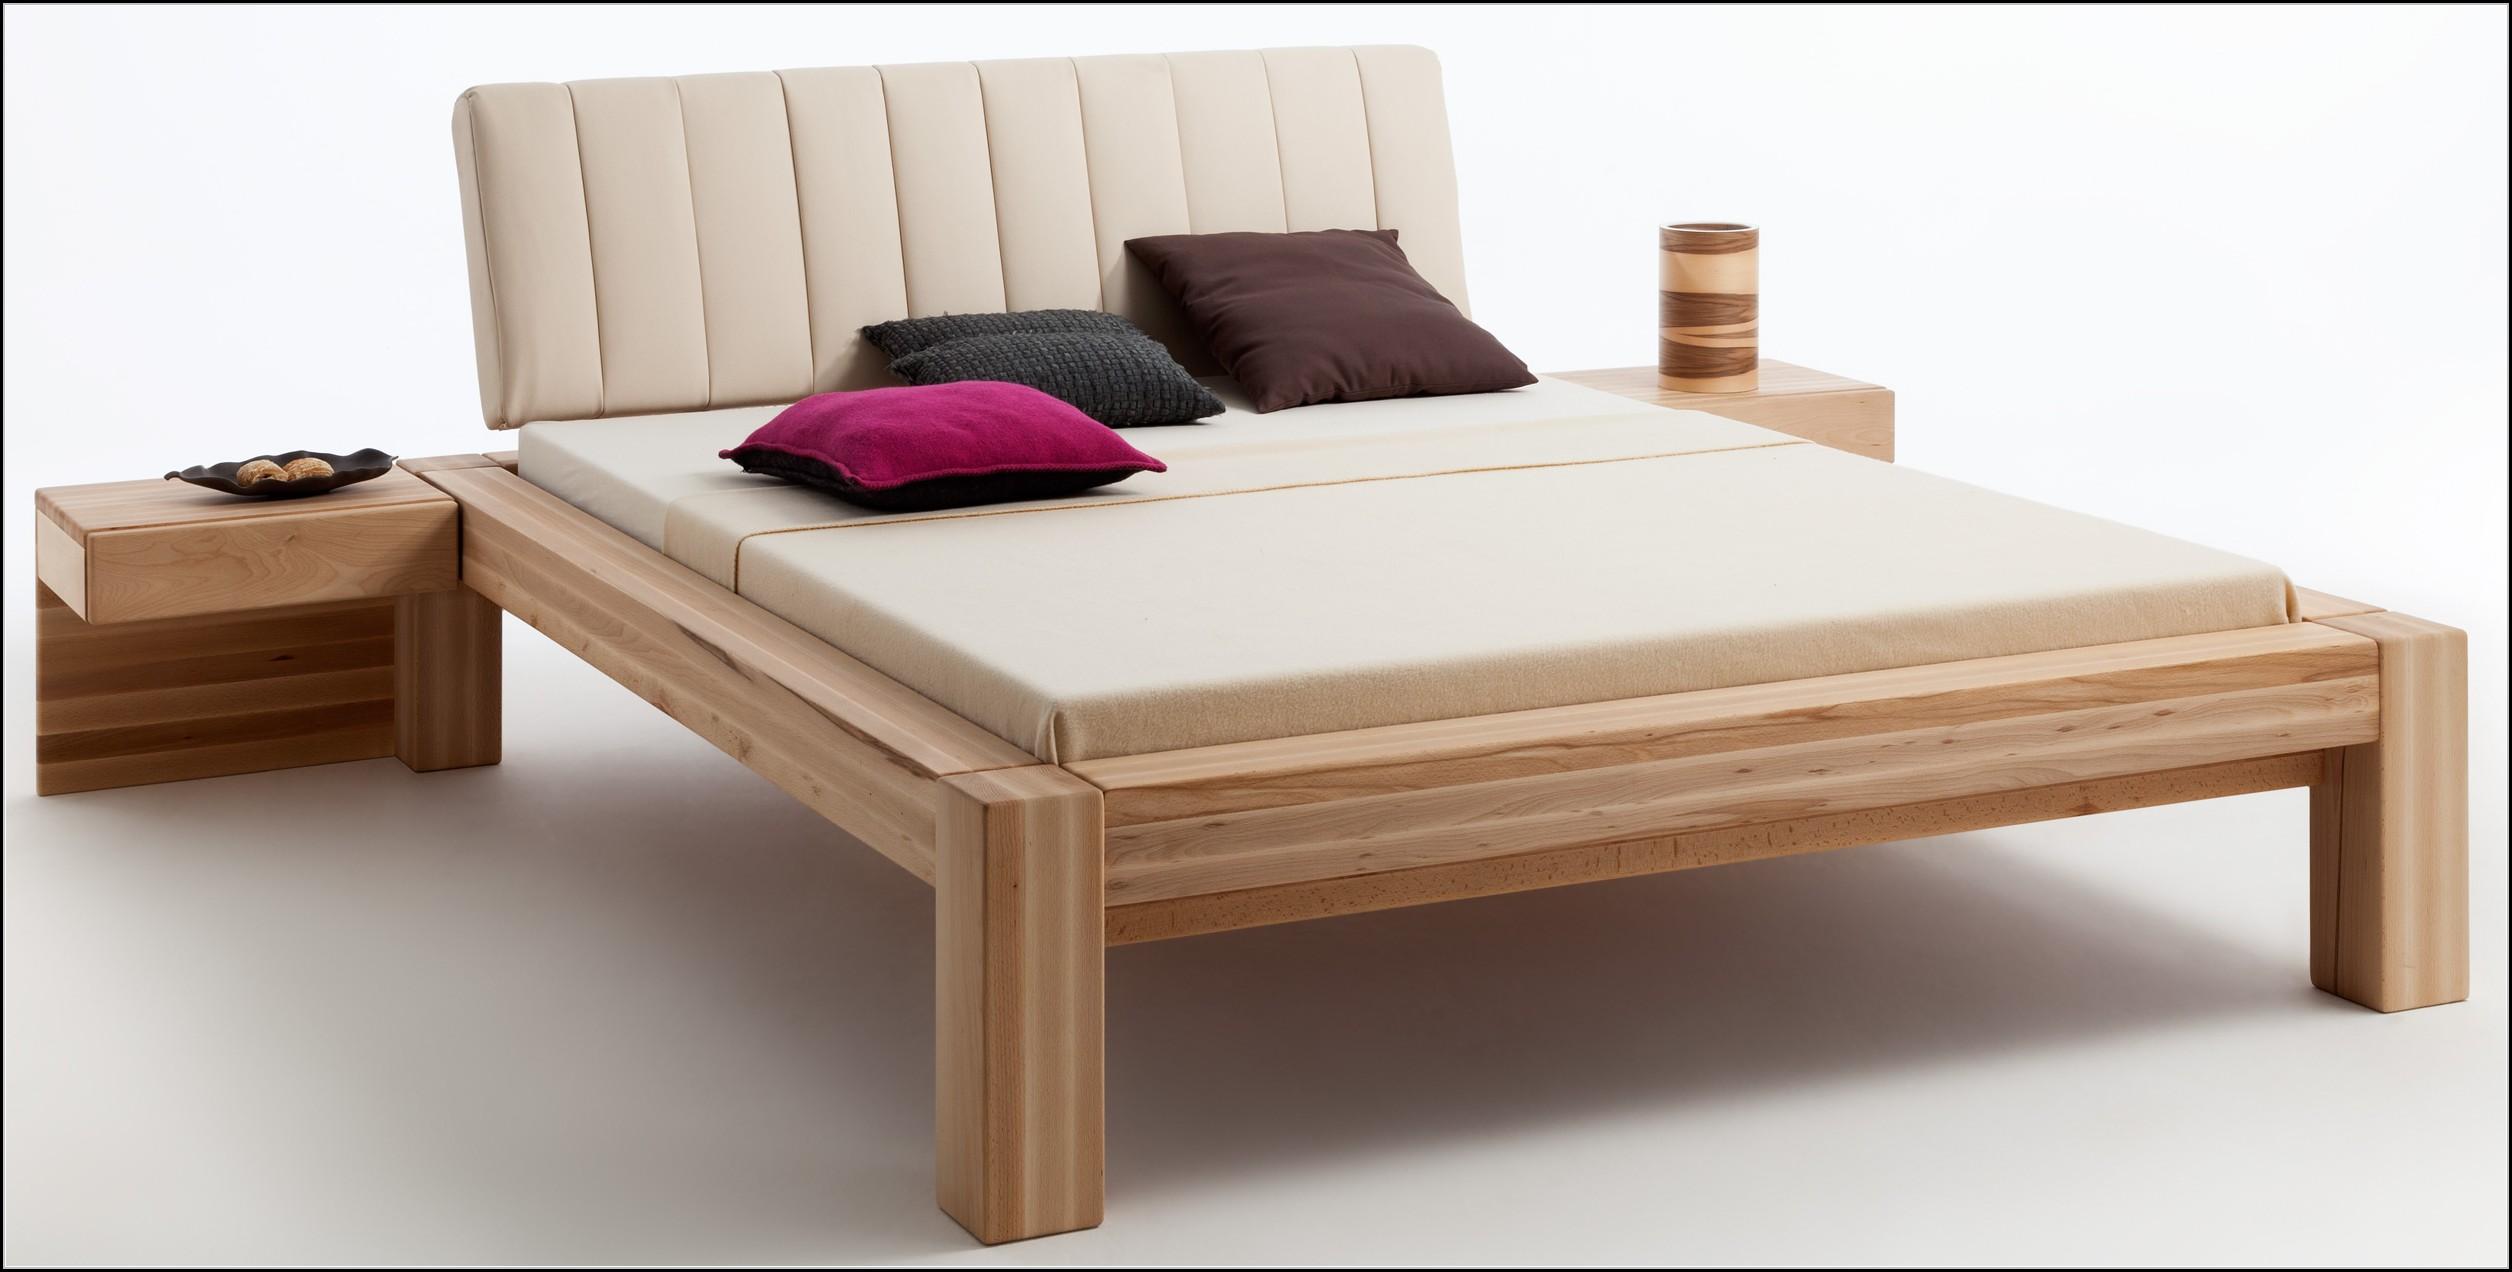 bett aus massivholz betten house und dekor galerie jlw89dd1eq. Black Bedroom Furniture Sets. Home Design Ideas